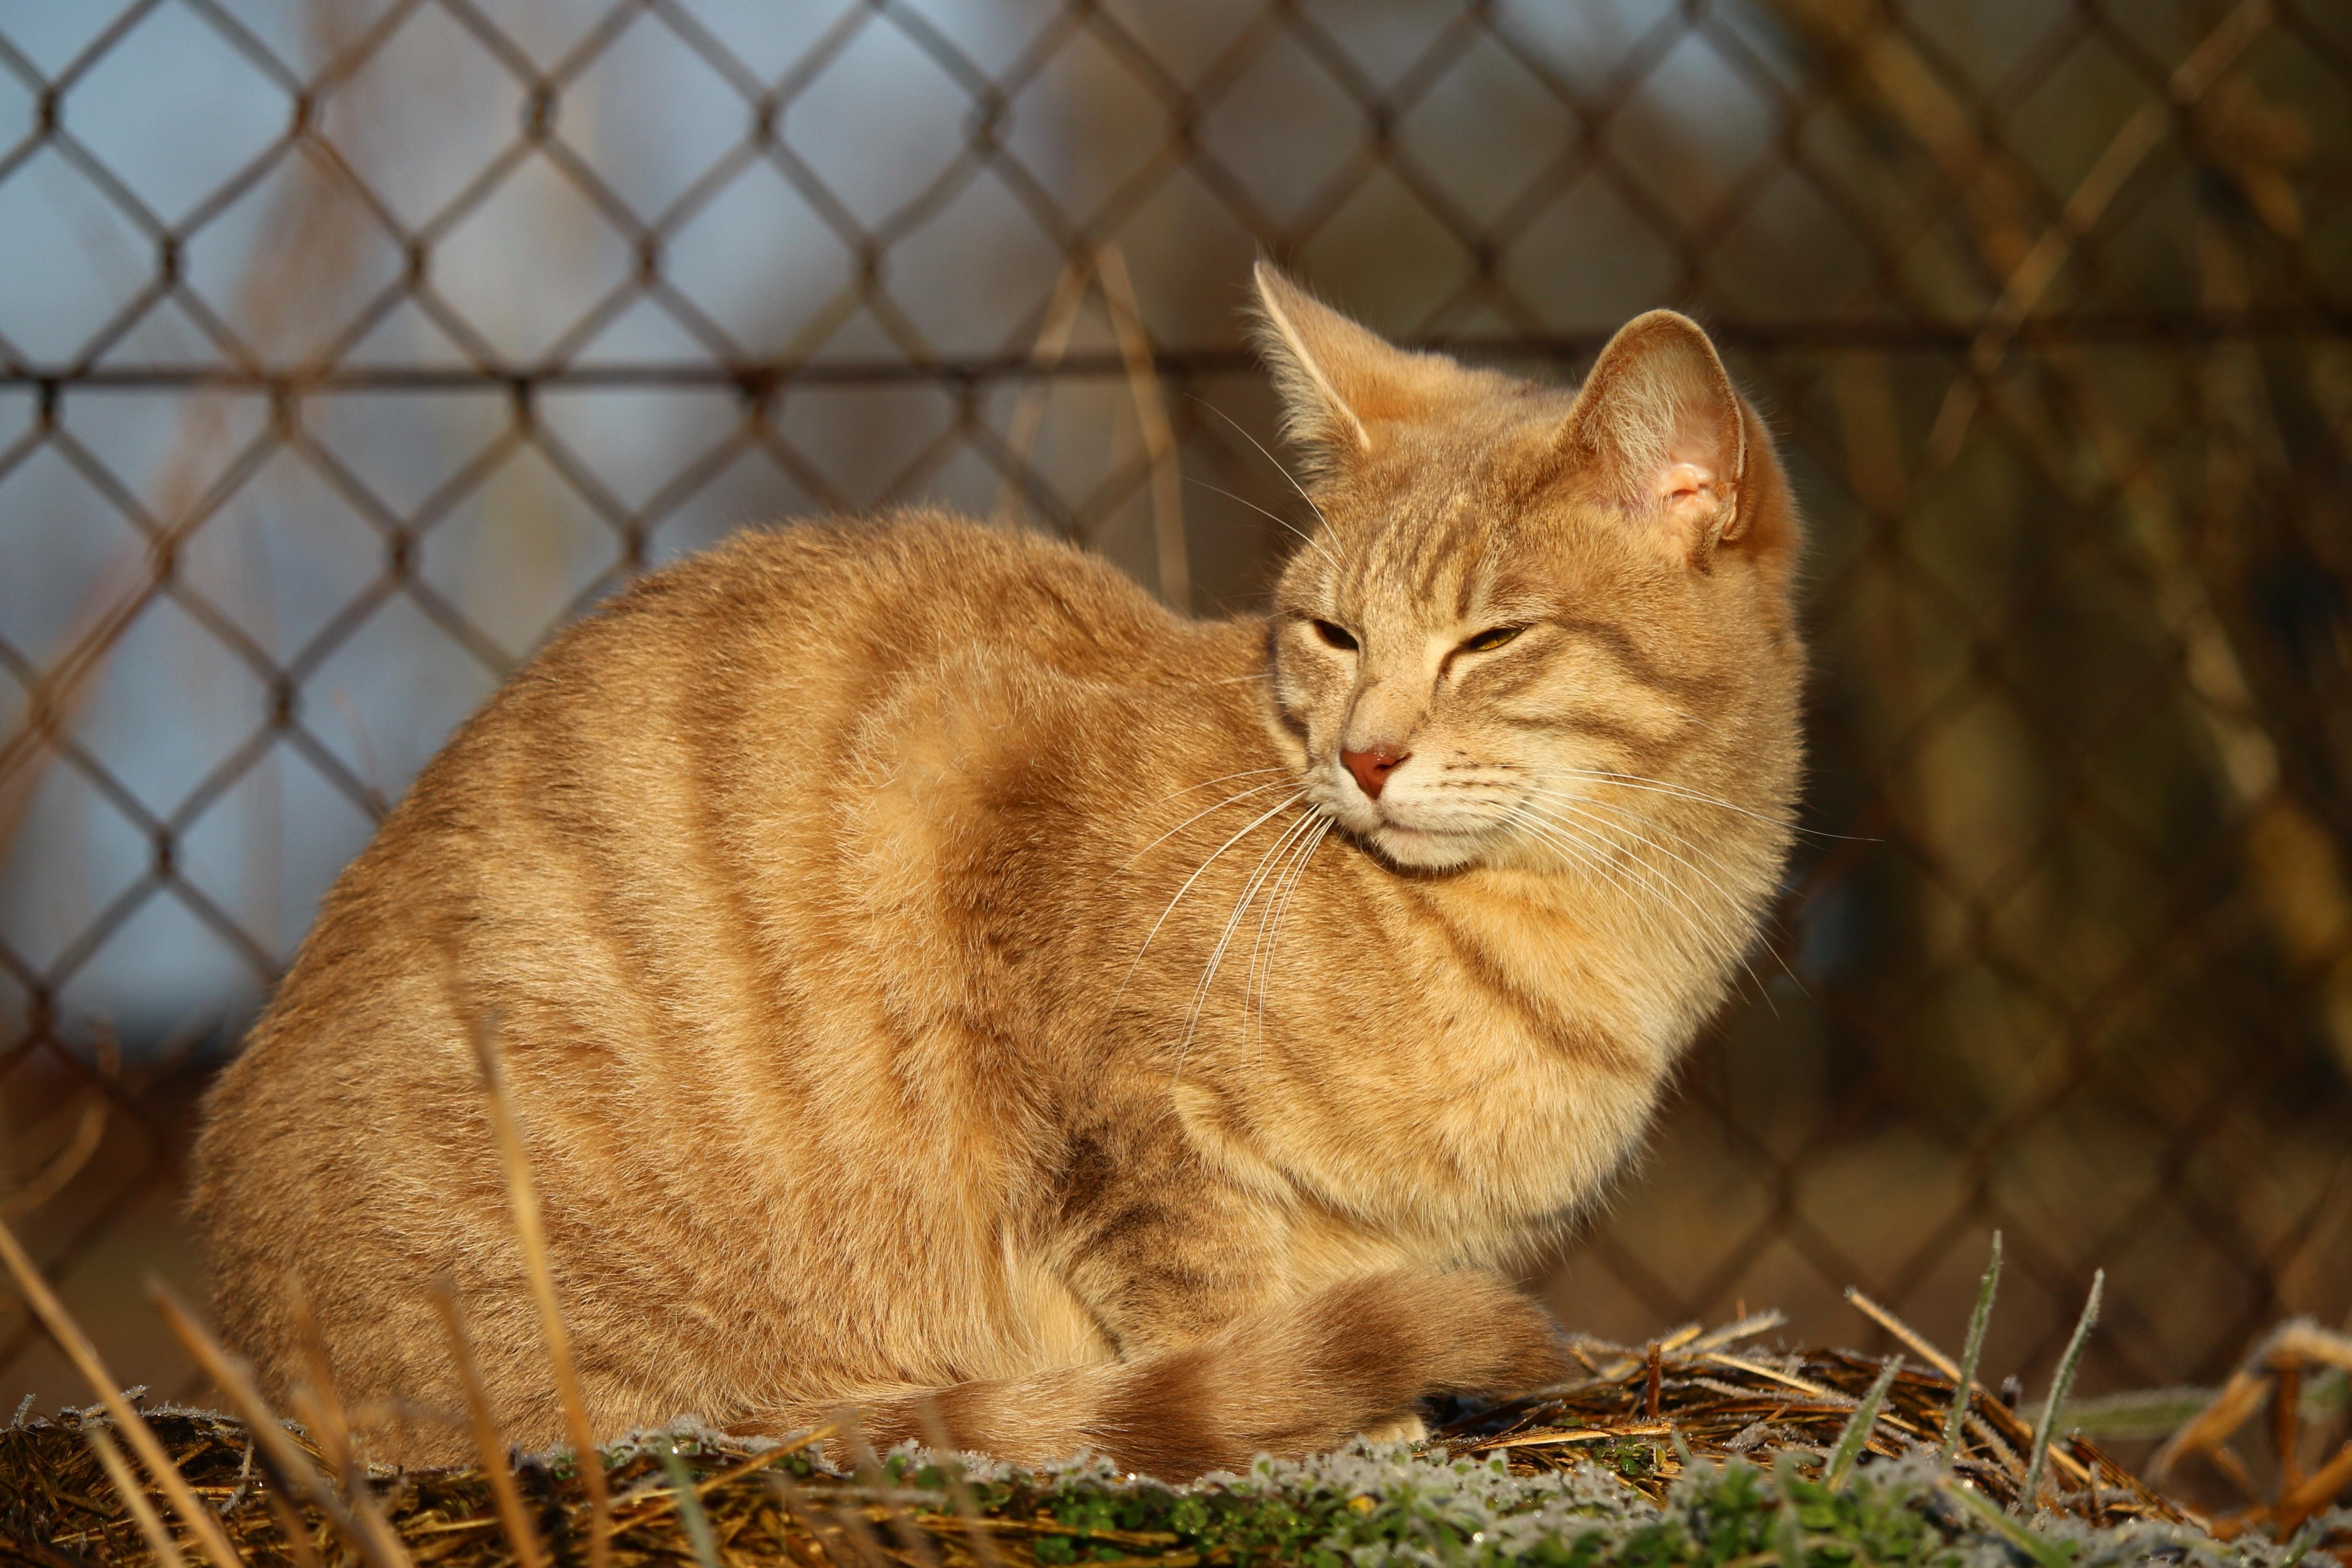 экспозицию картинки желтого котика слухам, может помочь